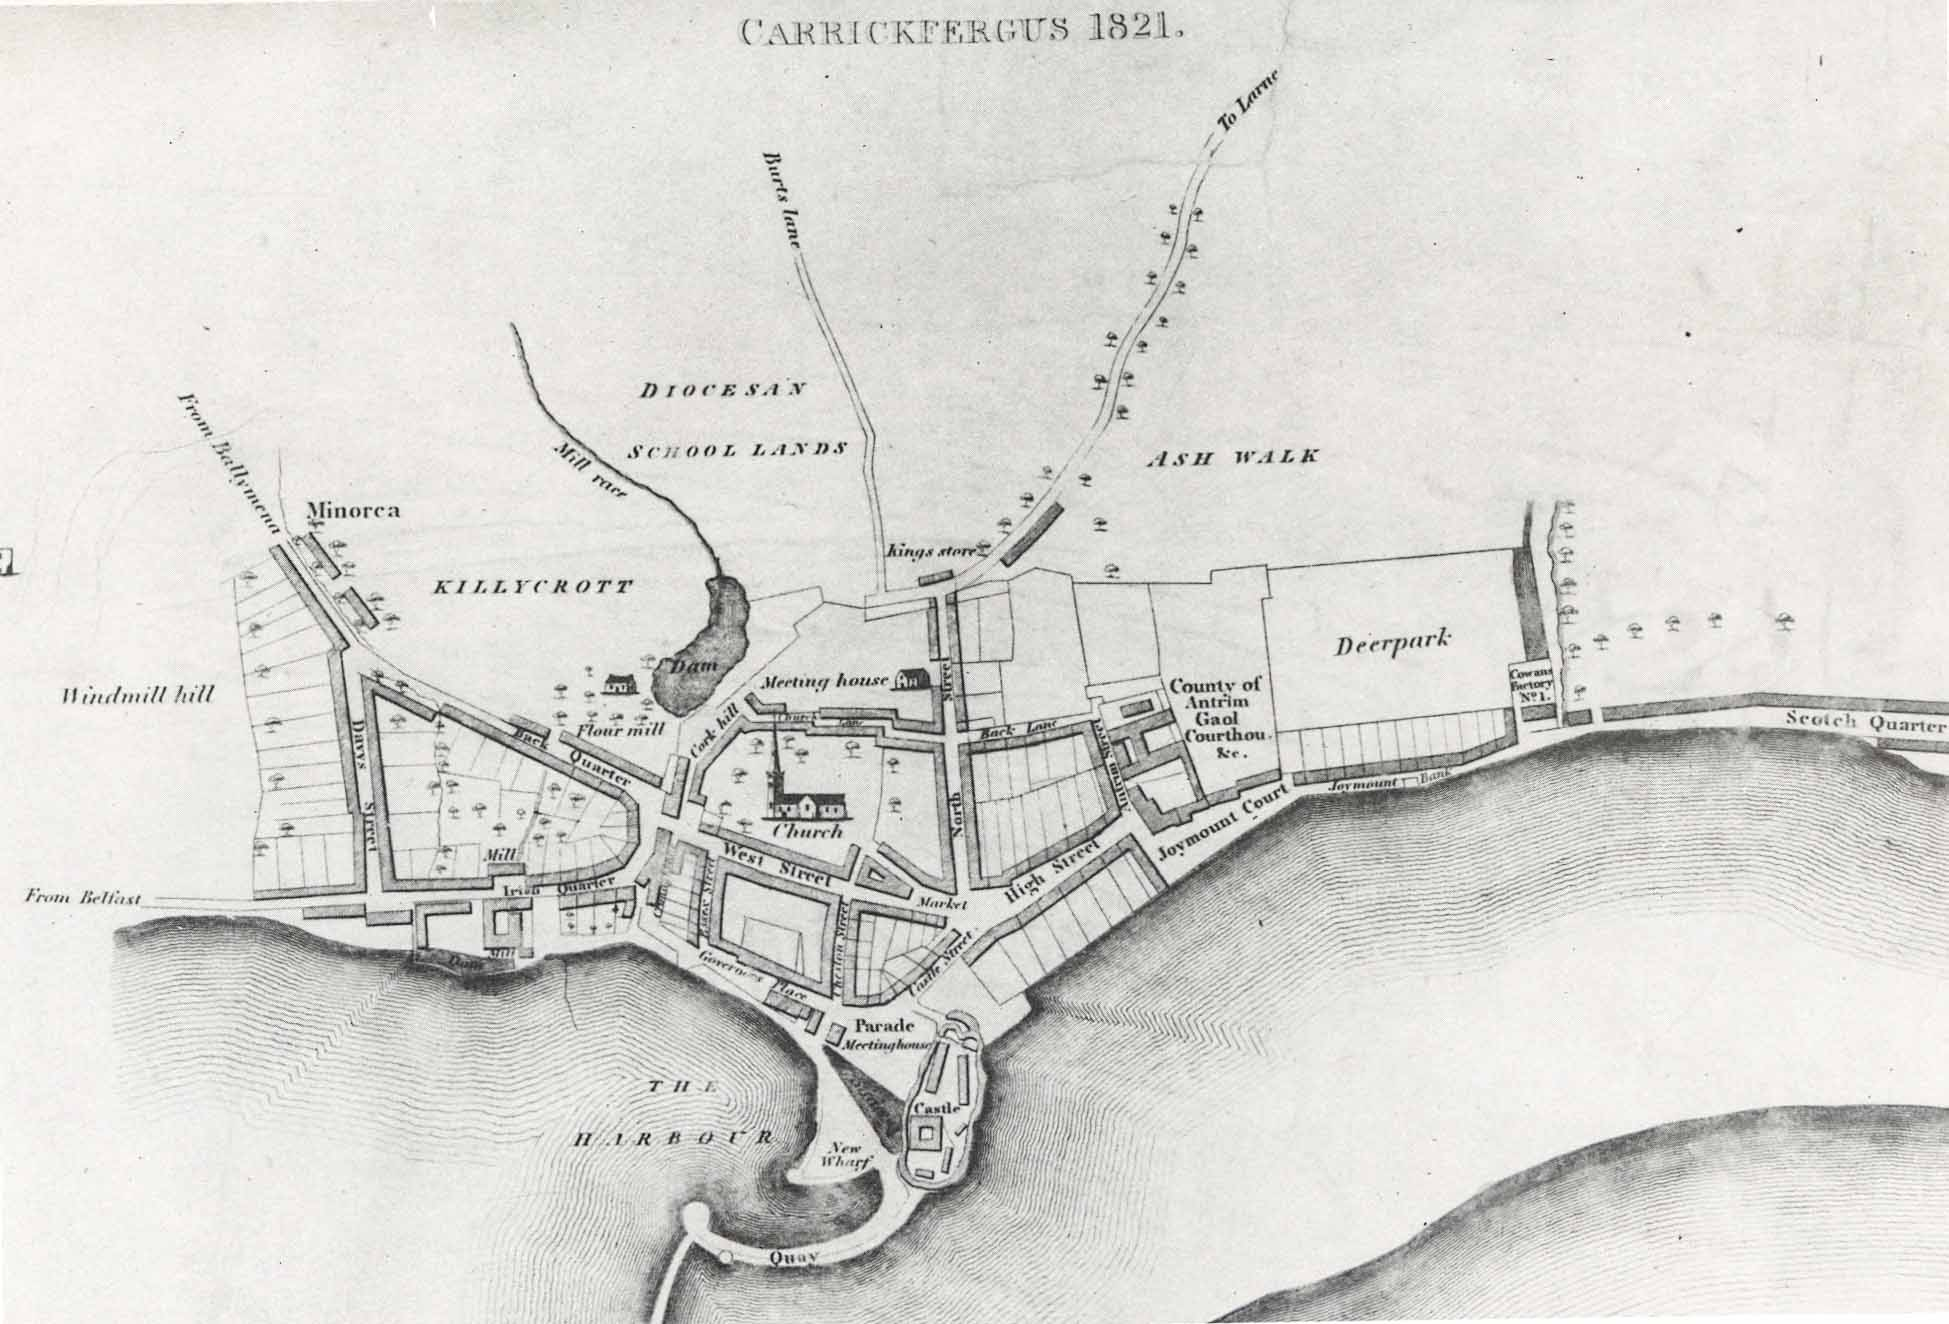 Map of Carrickfergus in 1821